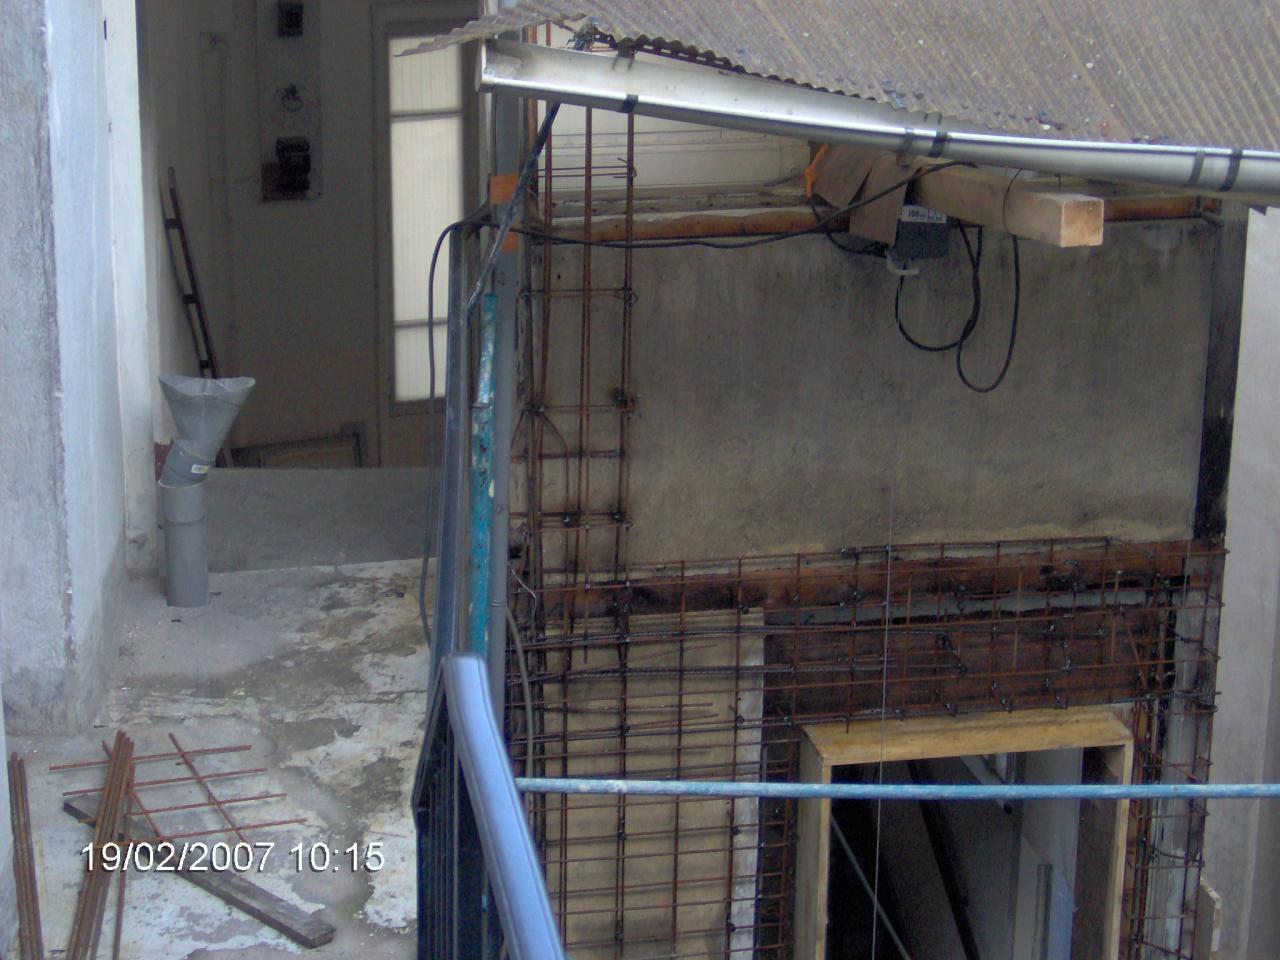 X08434 Ferraillage contrefort balcons